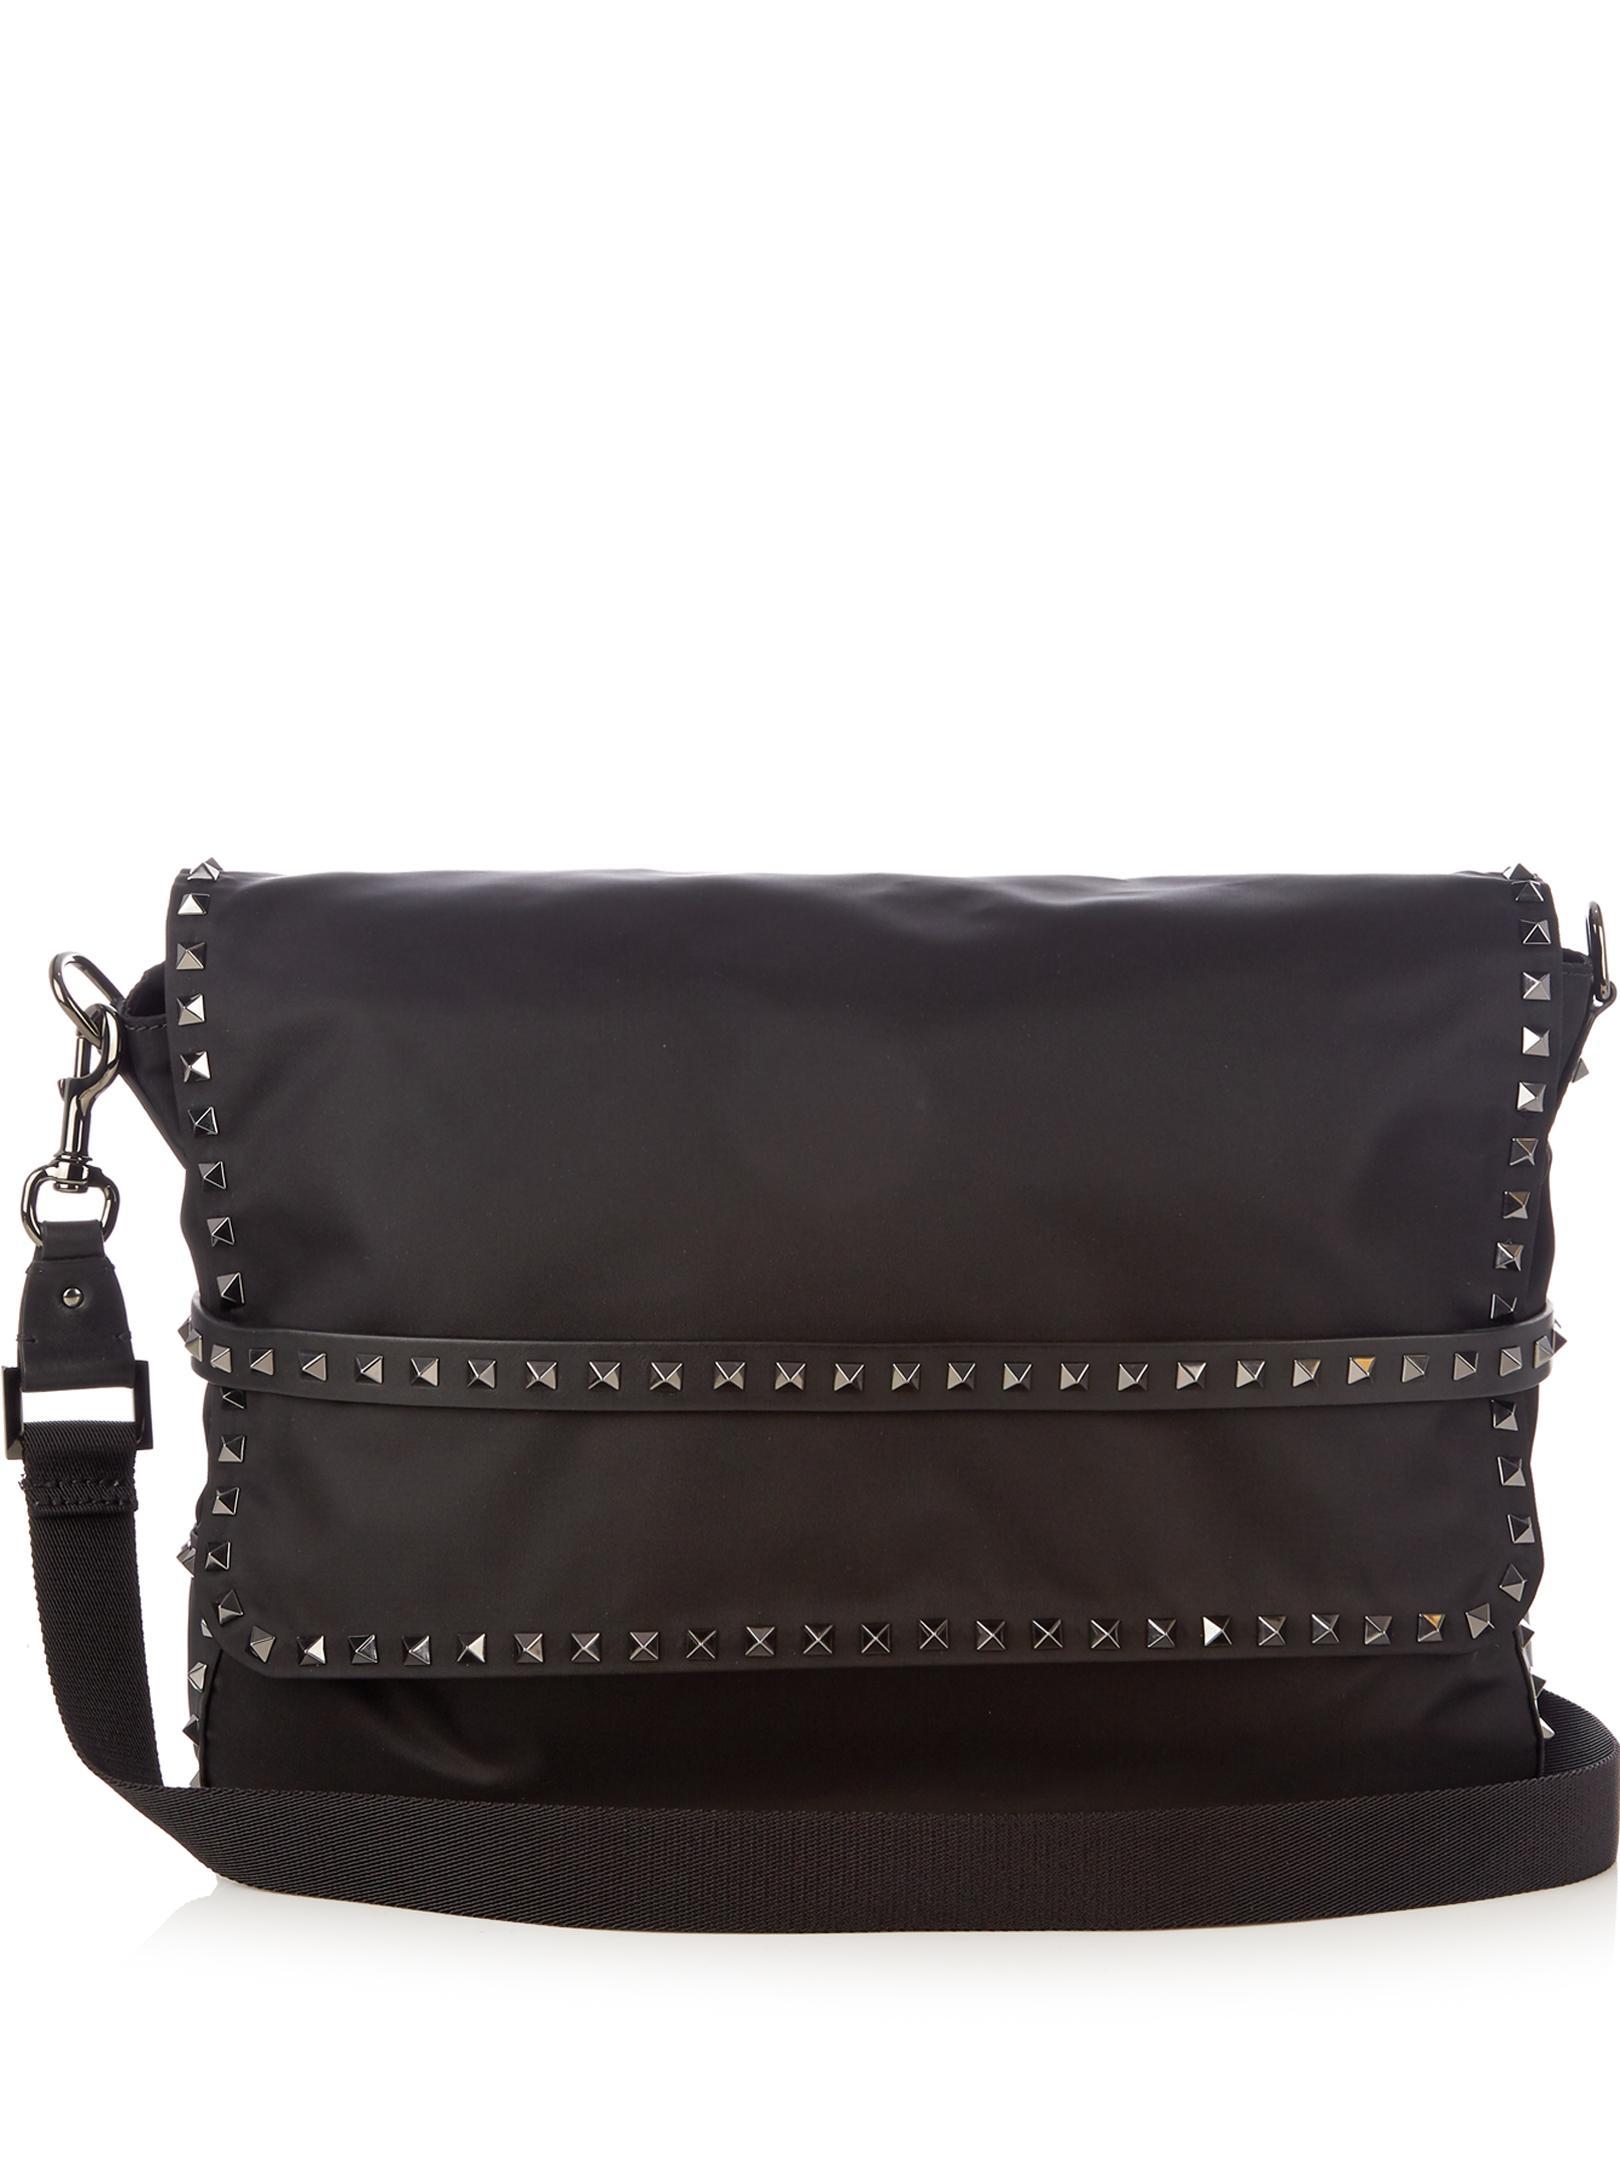 Valentino Rockstud Nylon Messenger Bag in Black for Men | Lyst